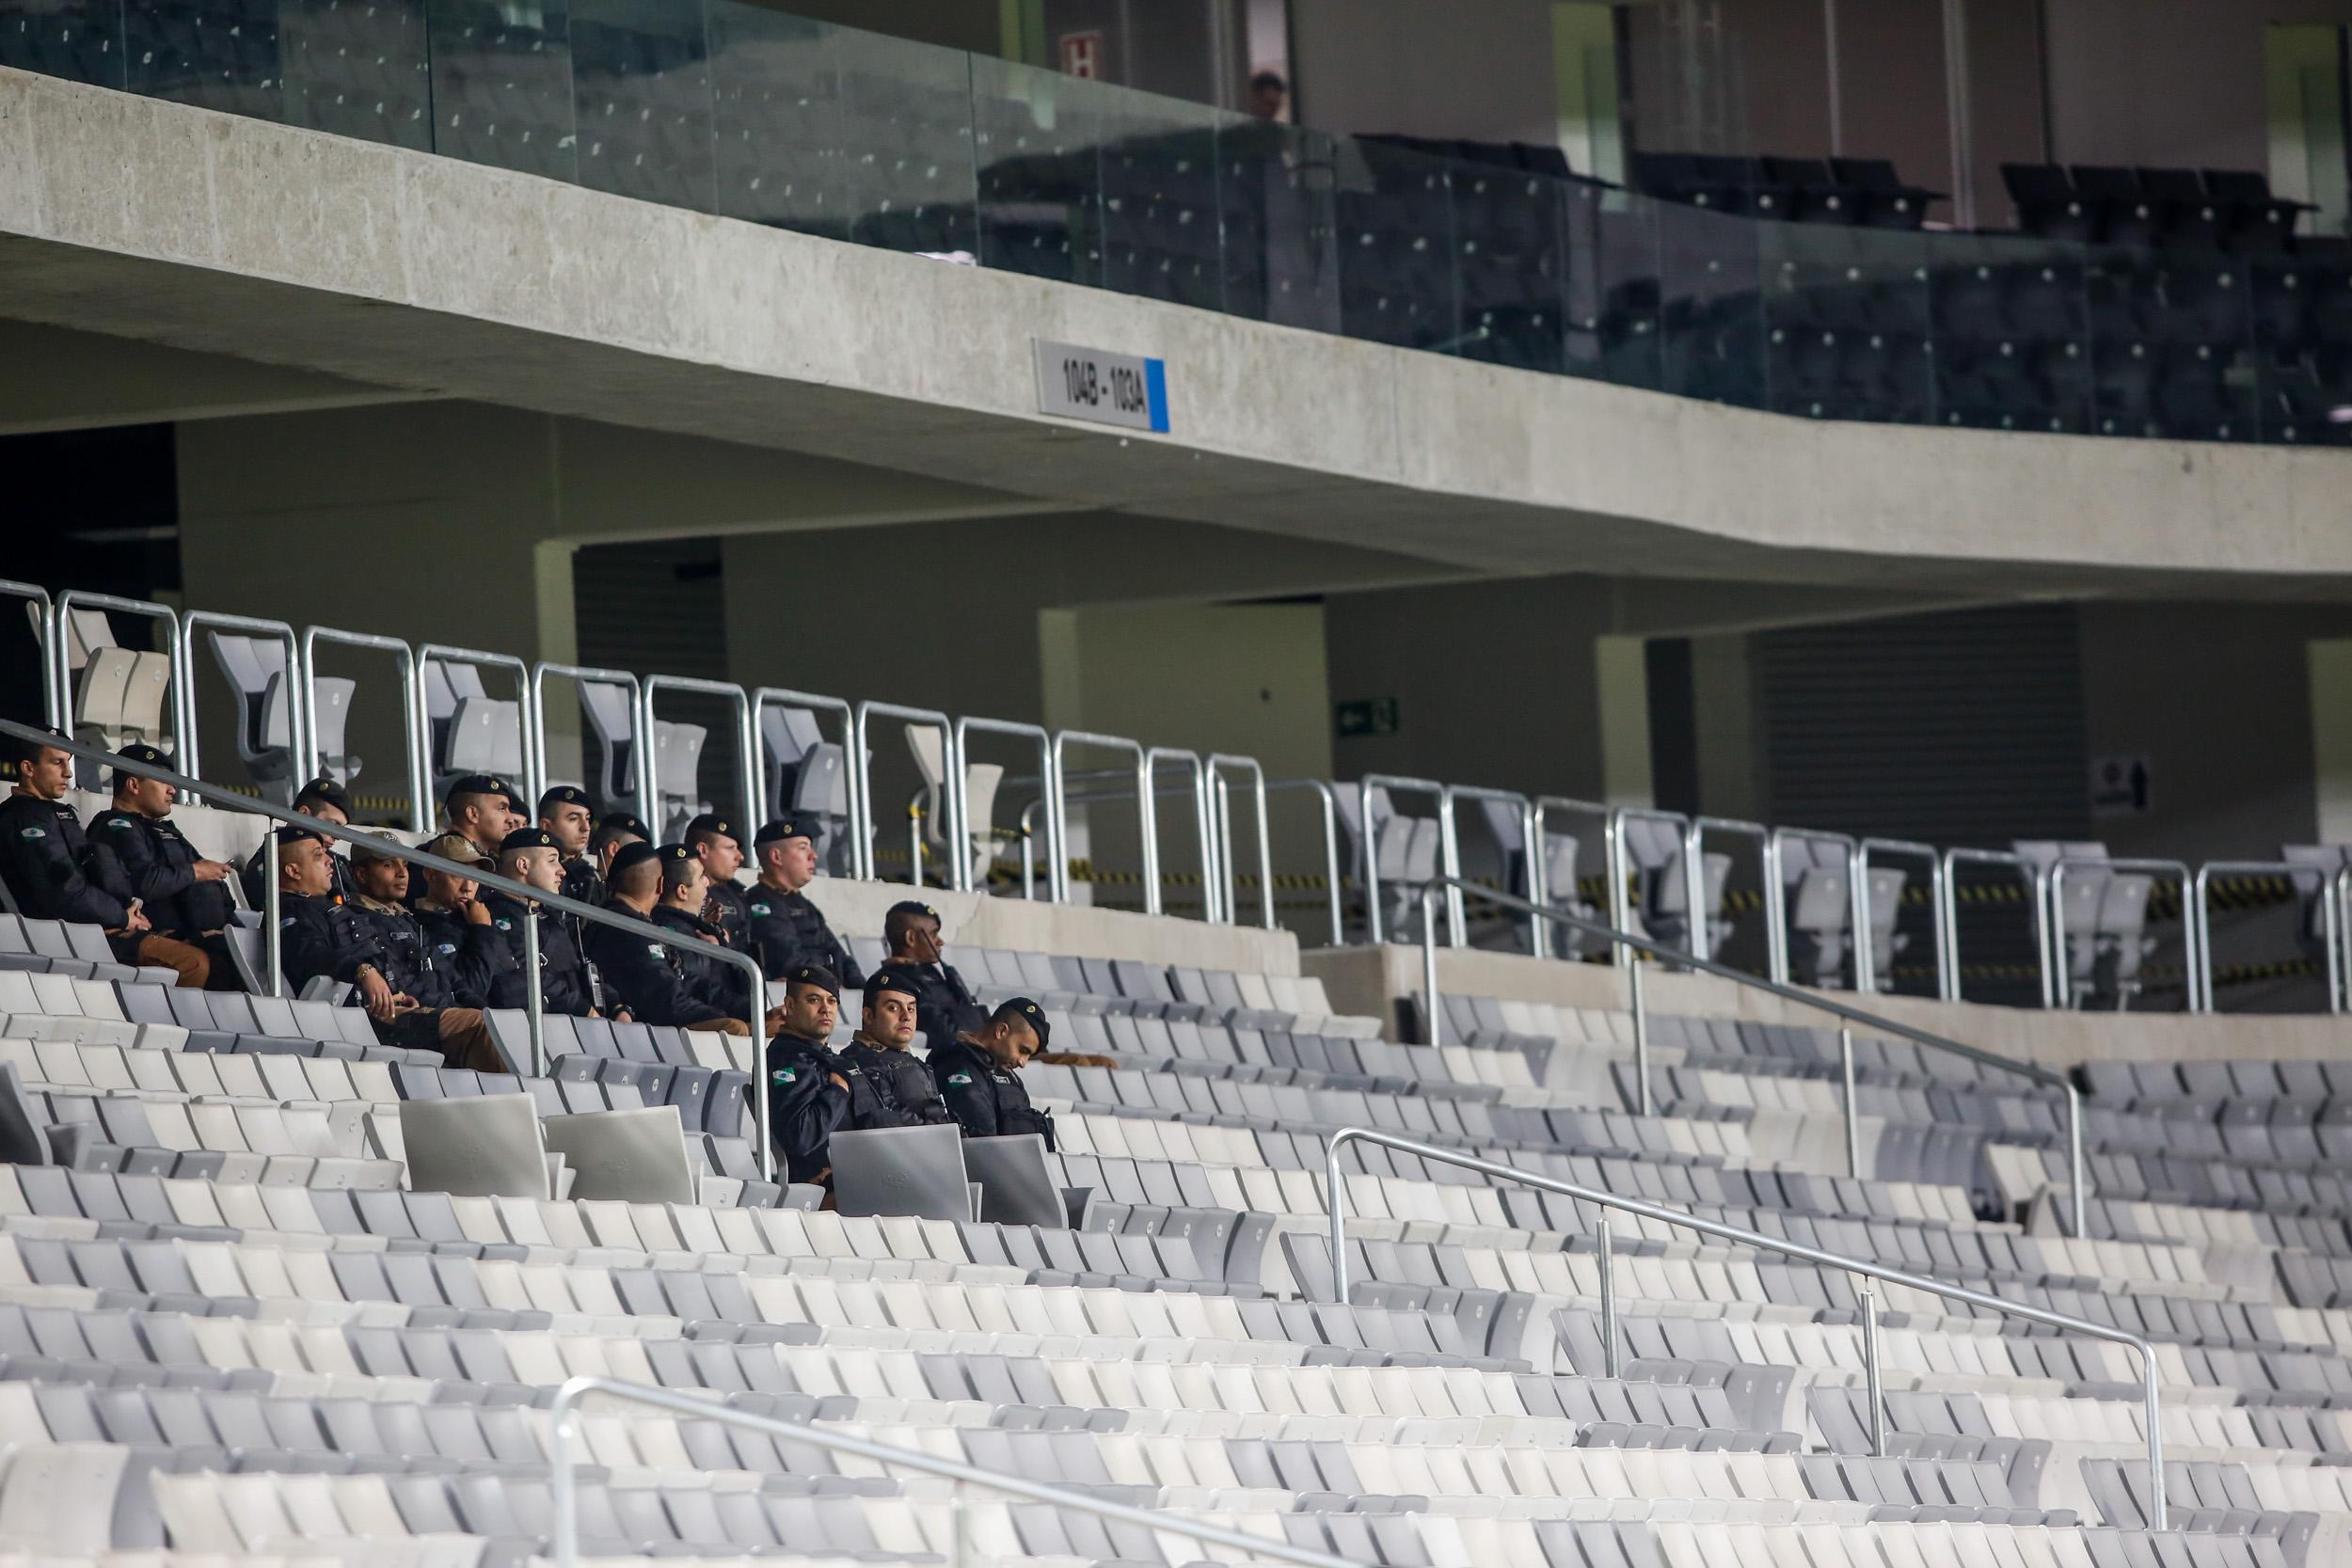 Estádios vazios: torcidas abandonam quase 90% dos clubes brasileiros